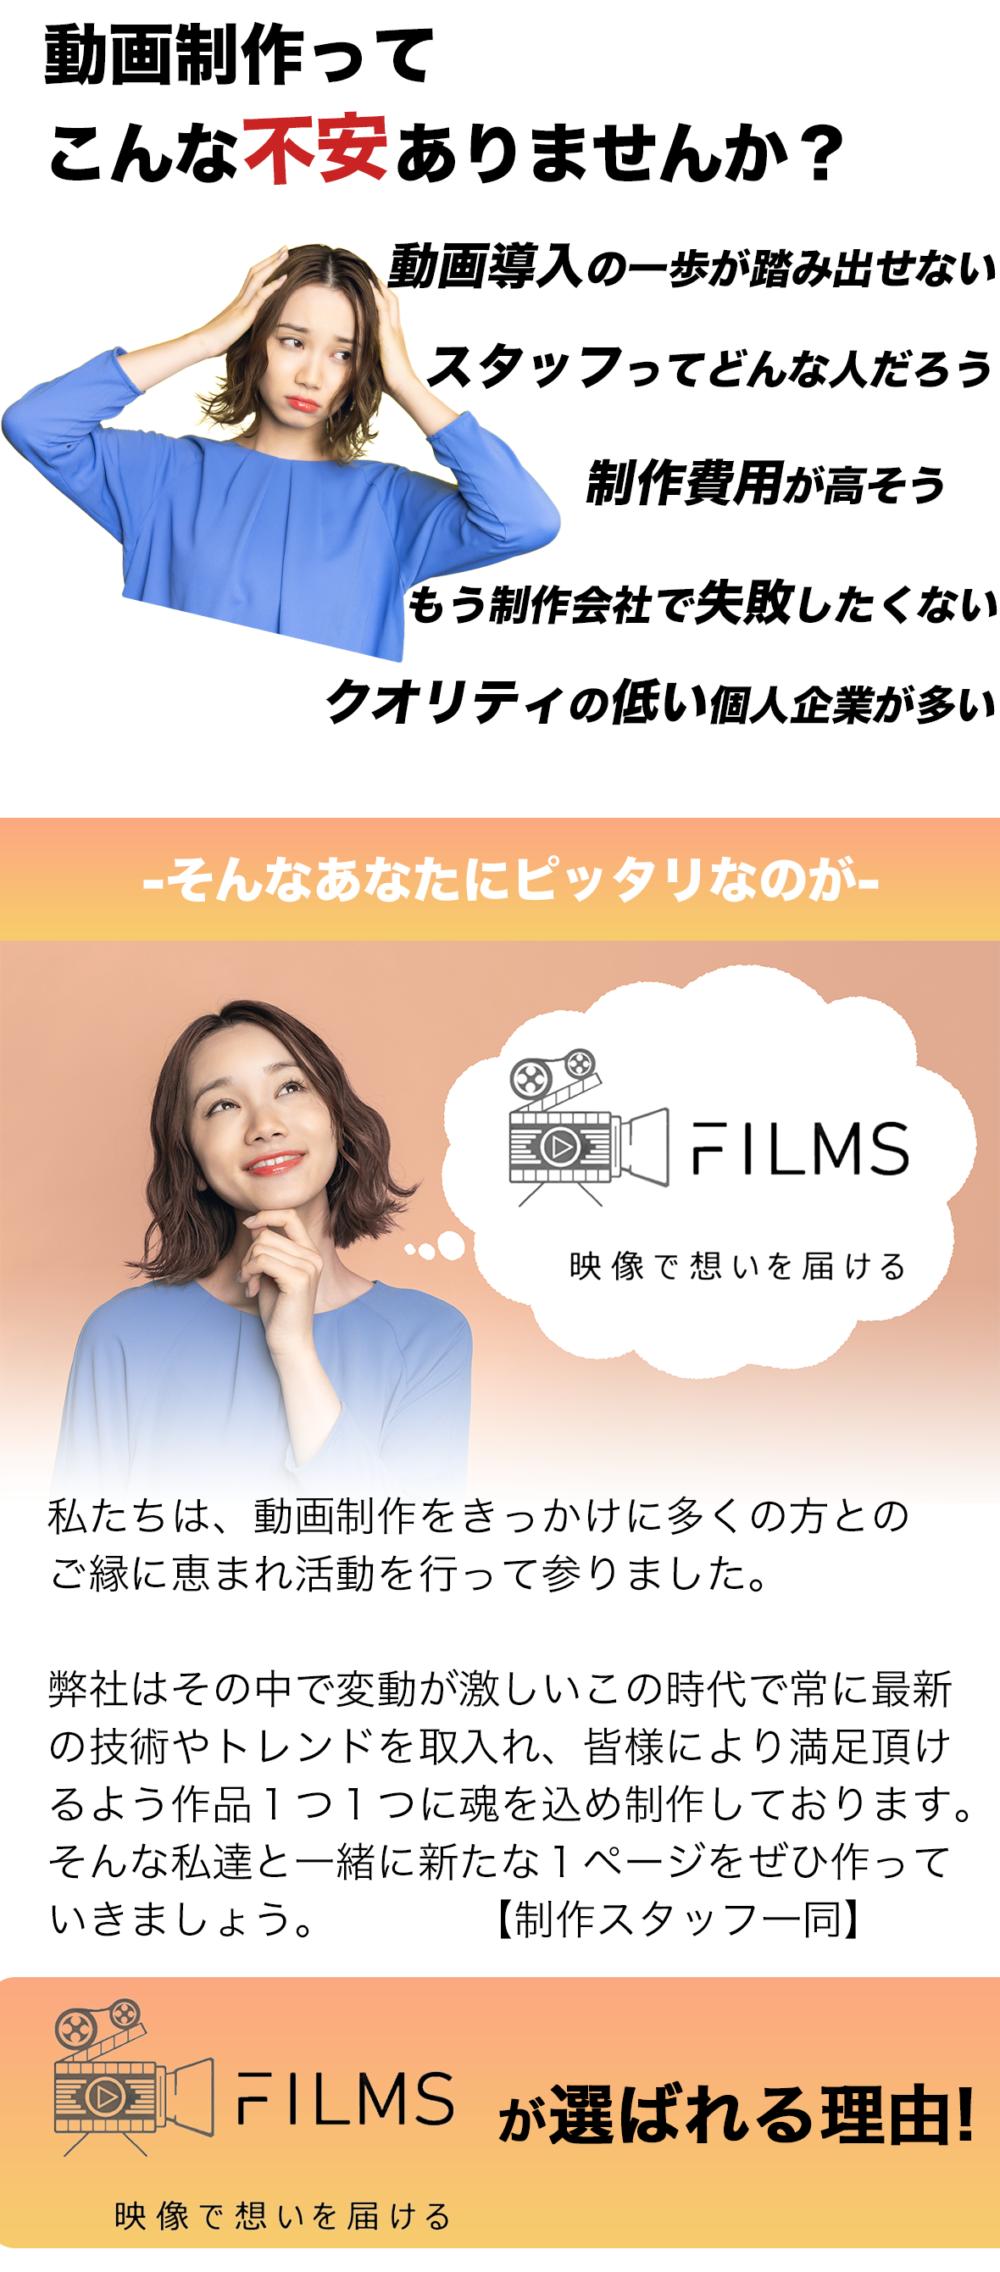 名古屋市 動画制作会社 こんな不安ありませんか?「制作費用 安い」「クオリティの高い制作会社」LIAにおまかせください